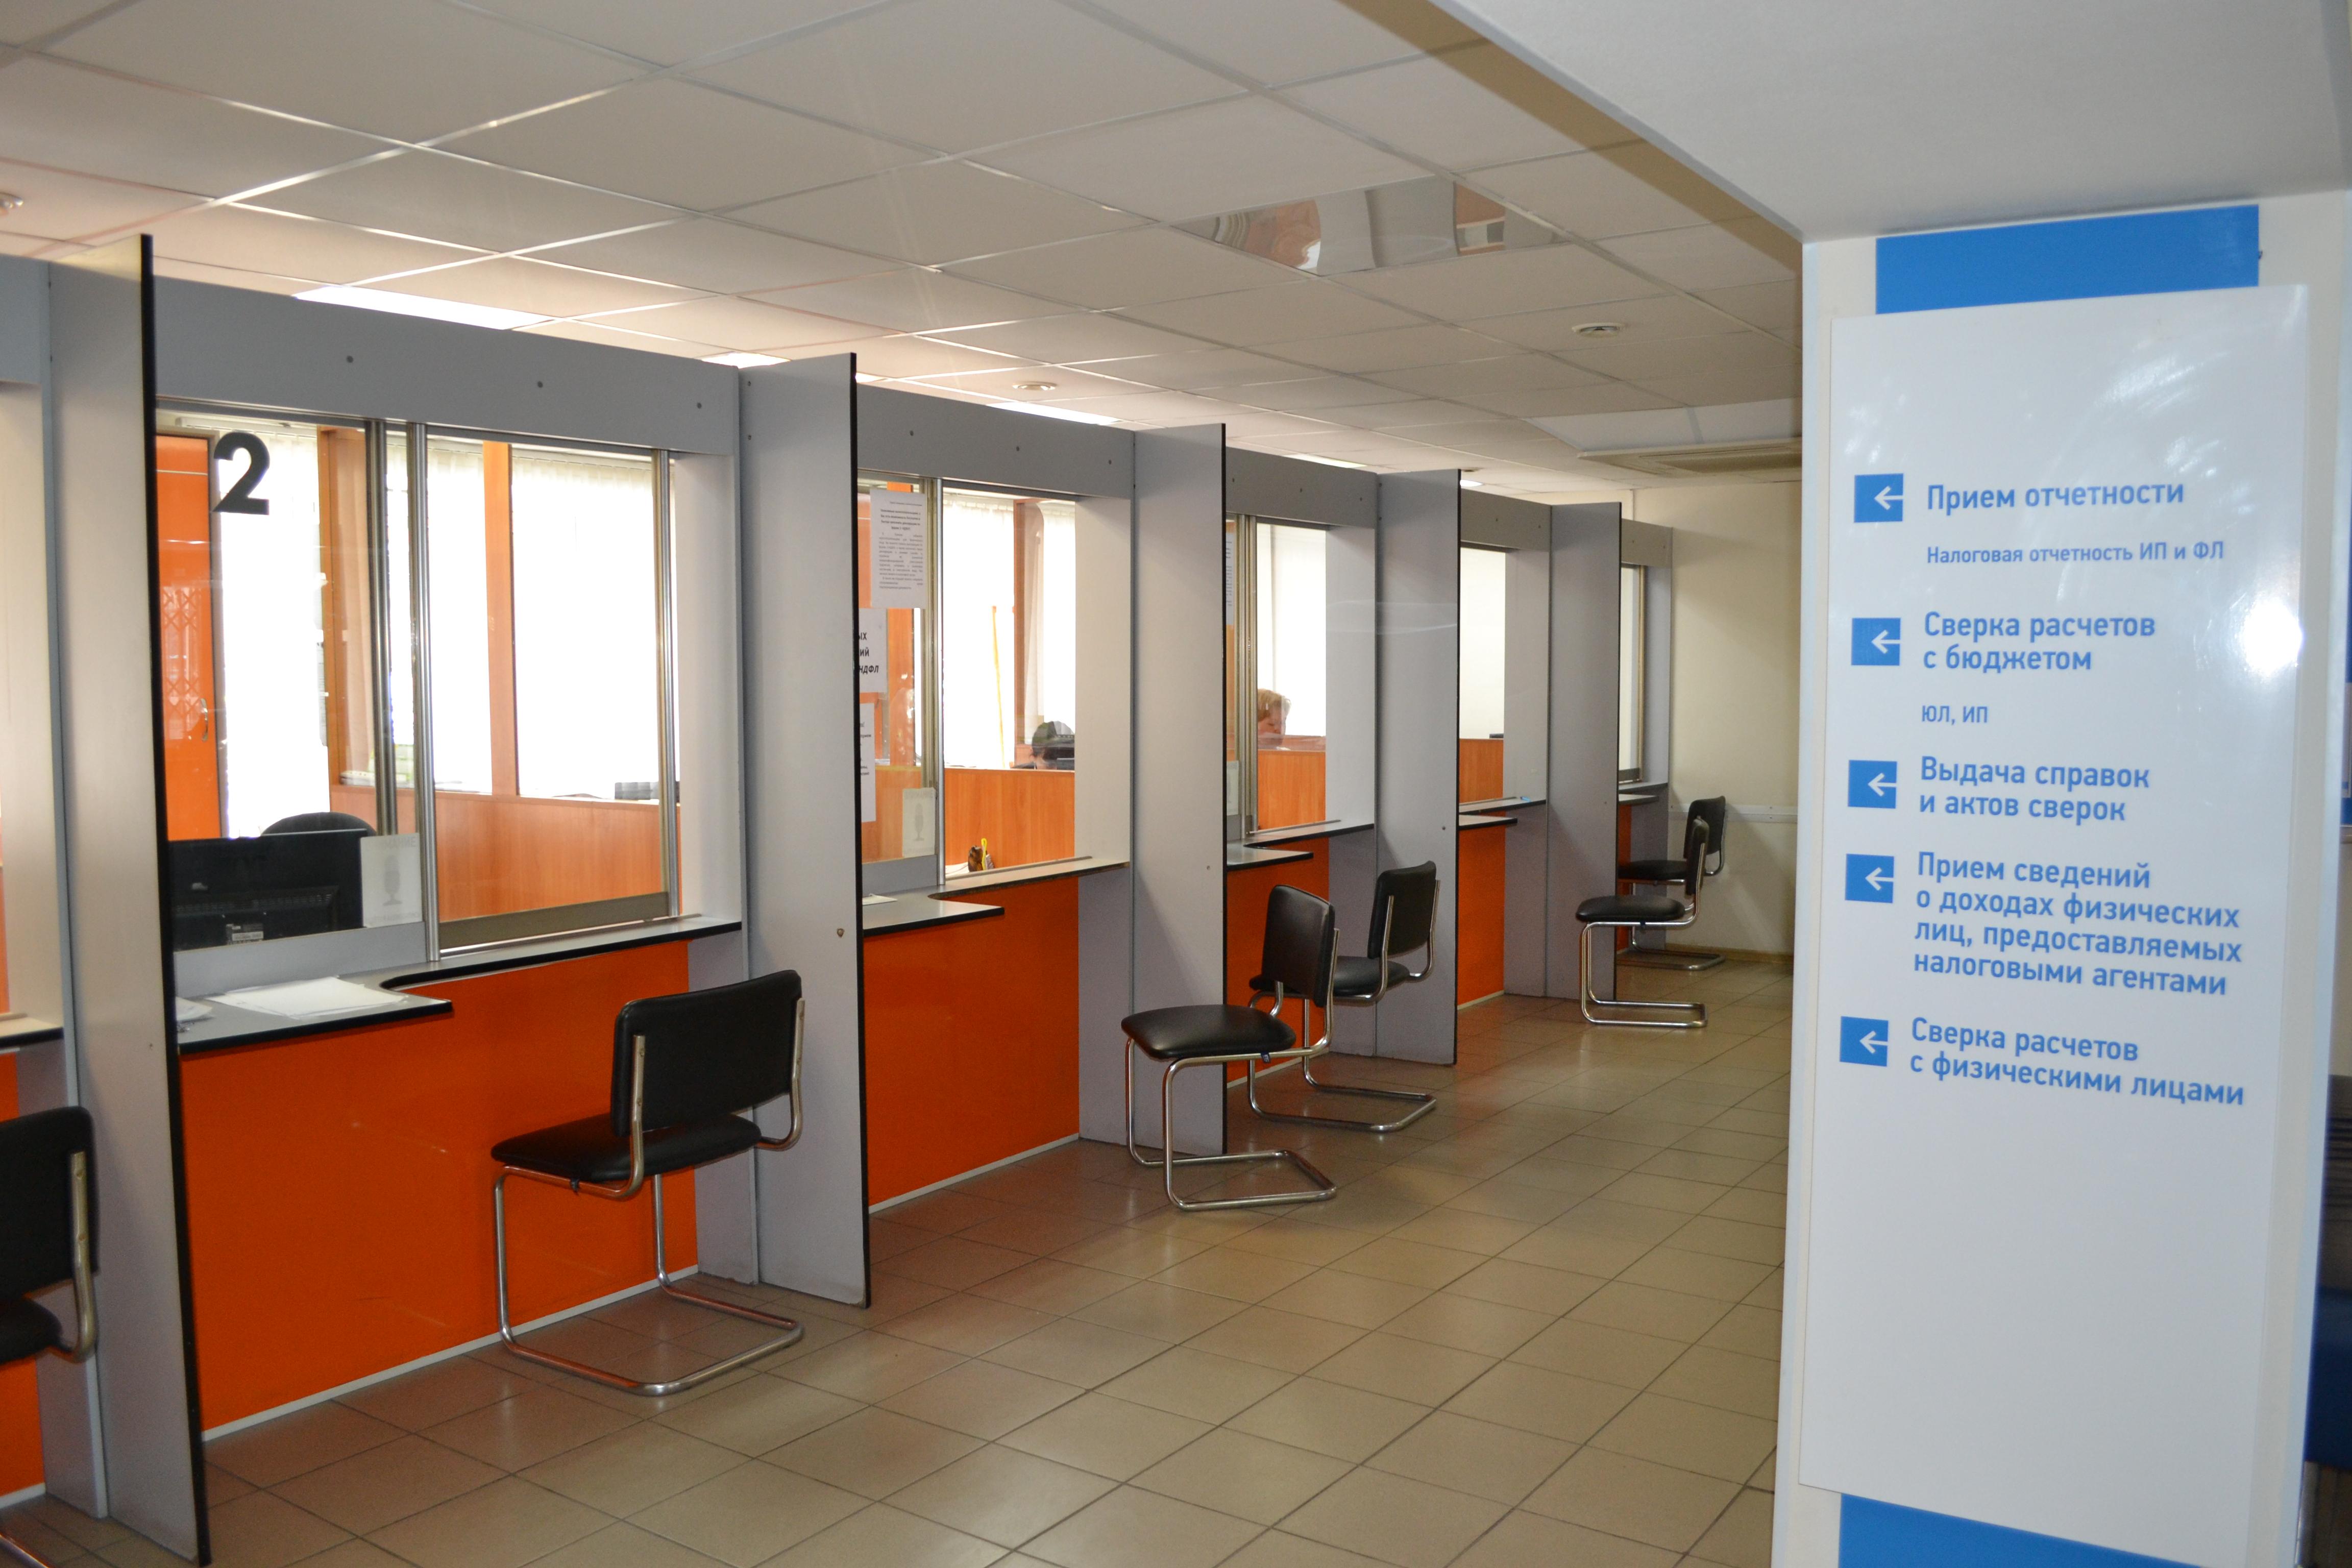 Налоговая отдел приема электронной отчетности бухгалтерское сопровождение ип форум